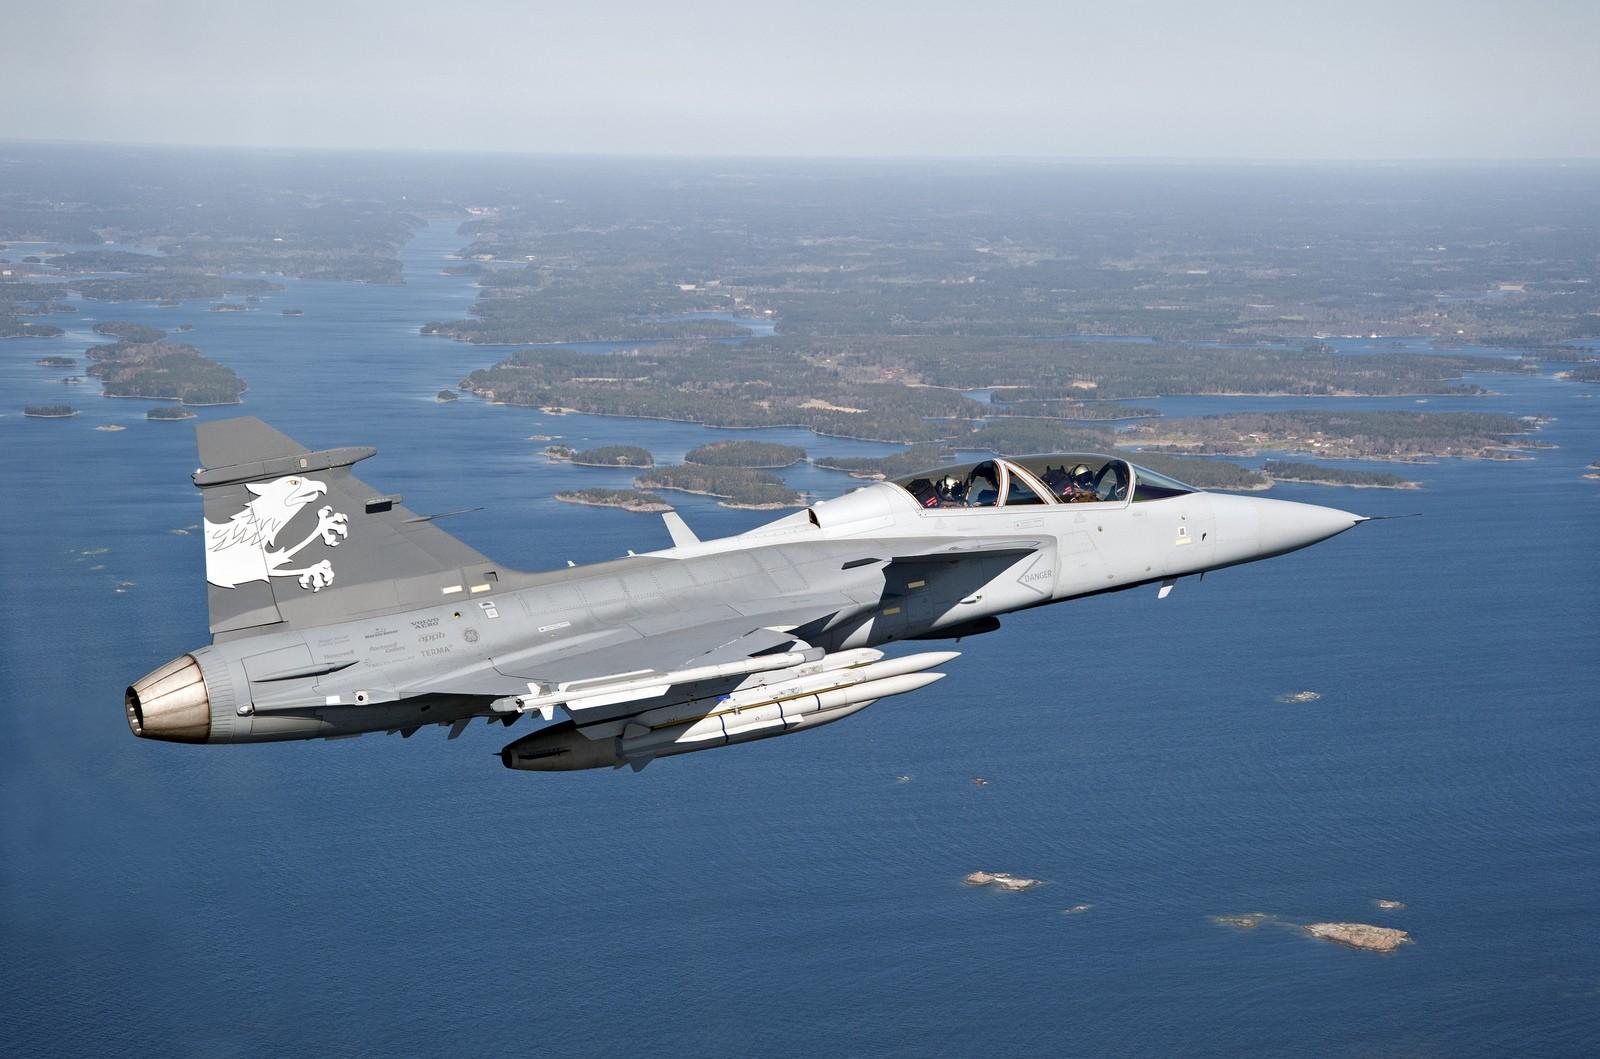 해외협력 없이 그리펜 E 개발을 추진하려는 스웨덴..